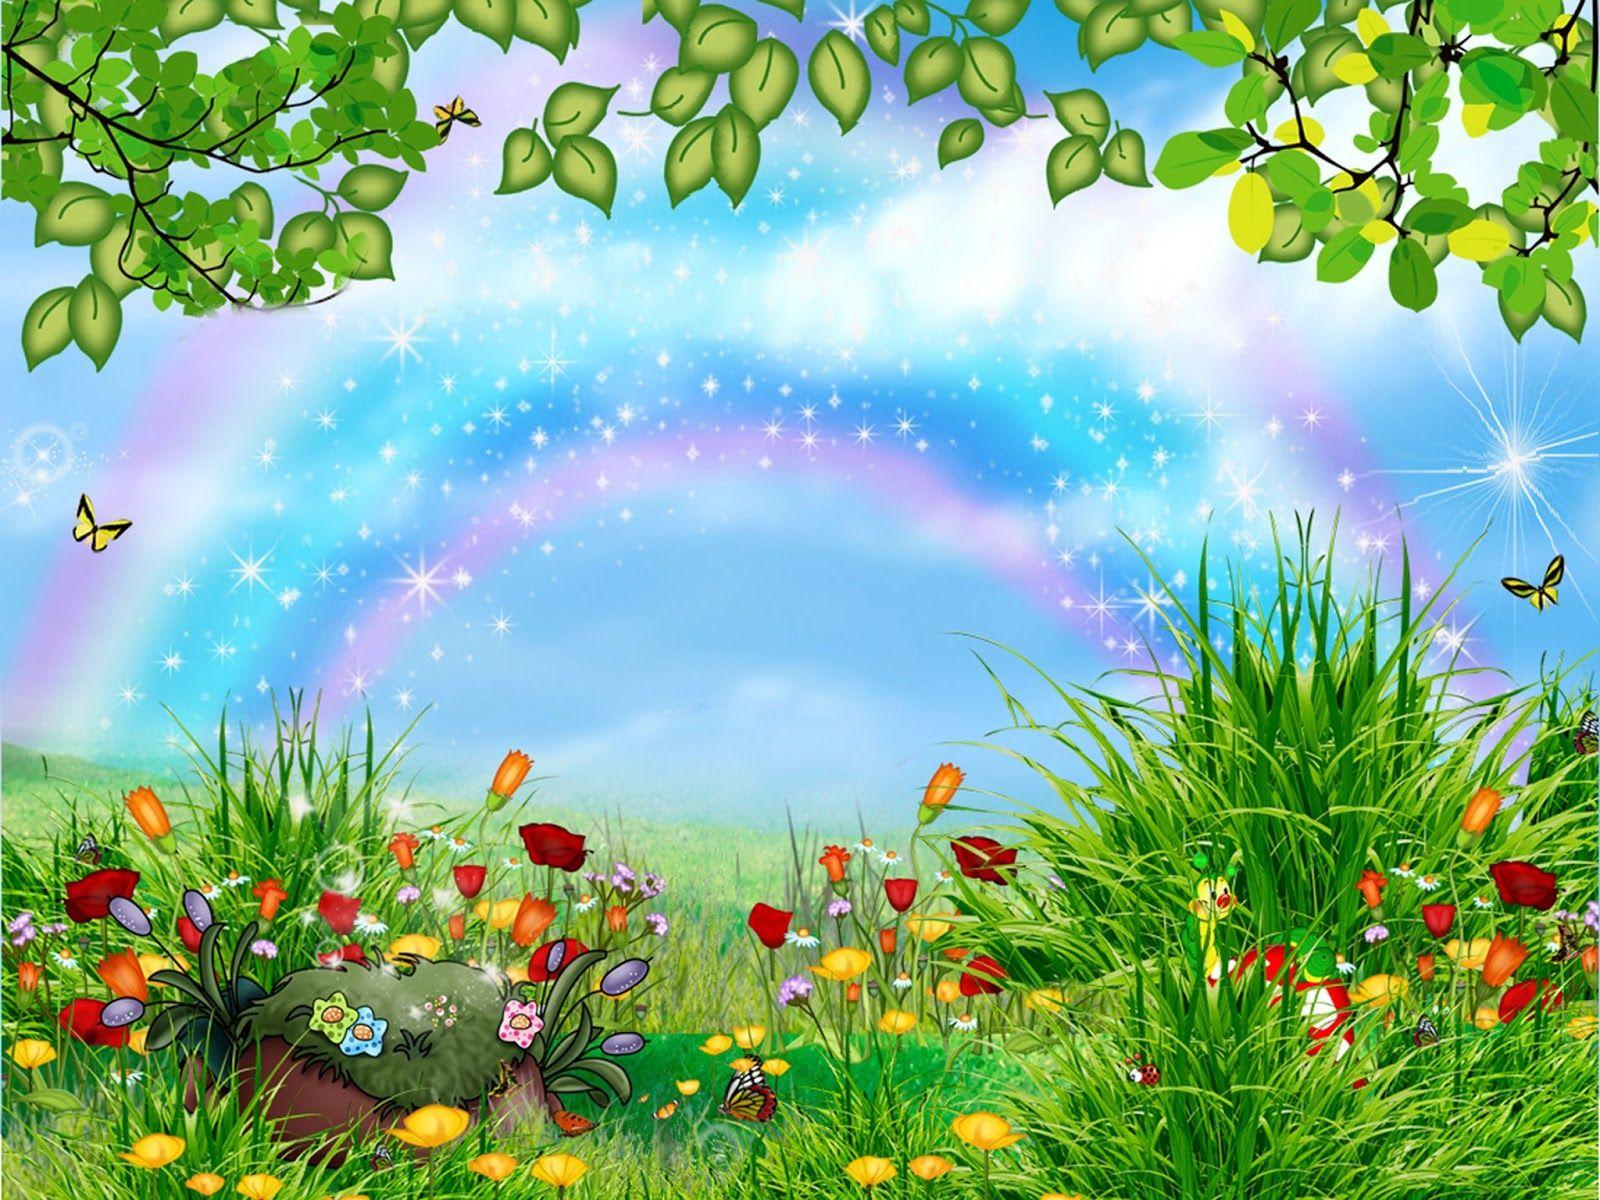 Imagenes y wallpapers fondo de pantalla para ni os for Imagenes de jardines pequenos